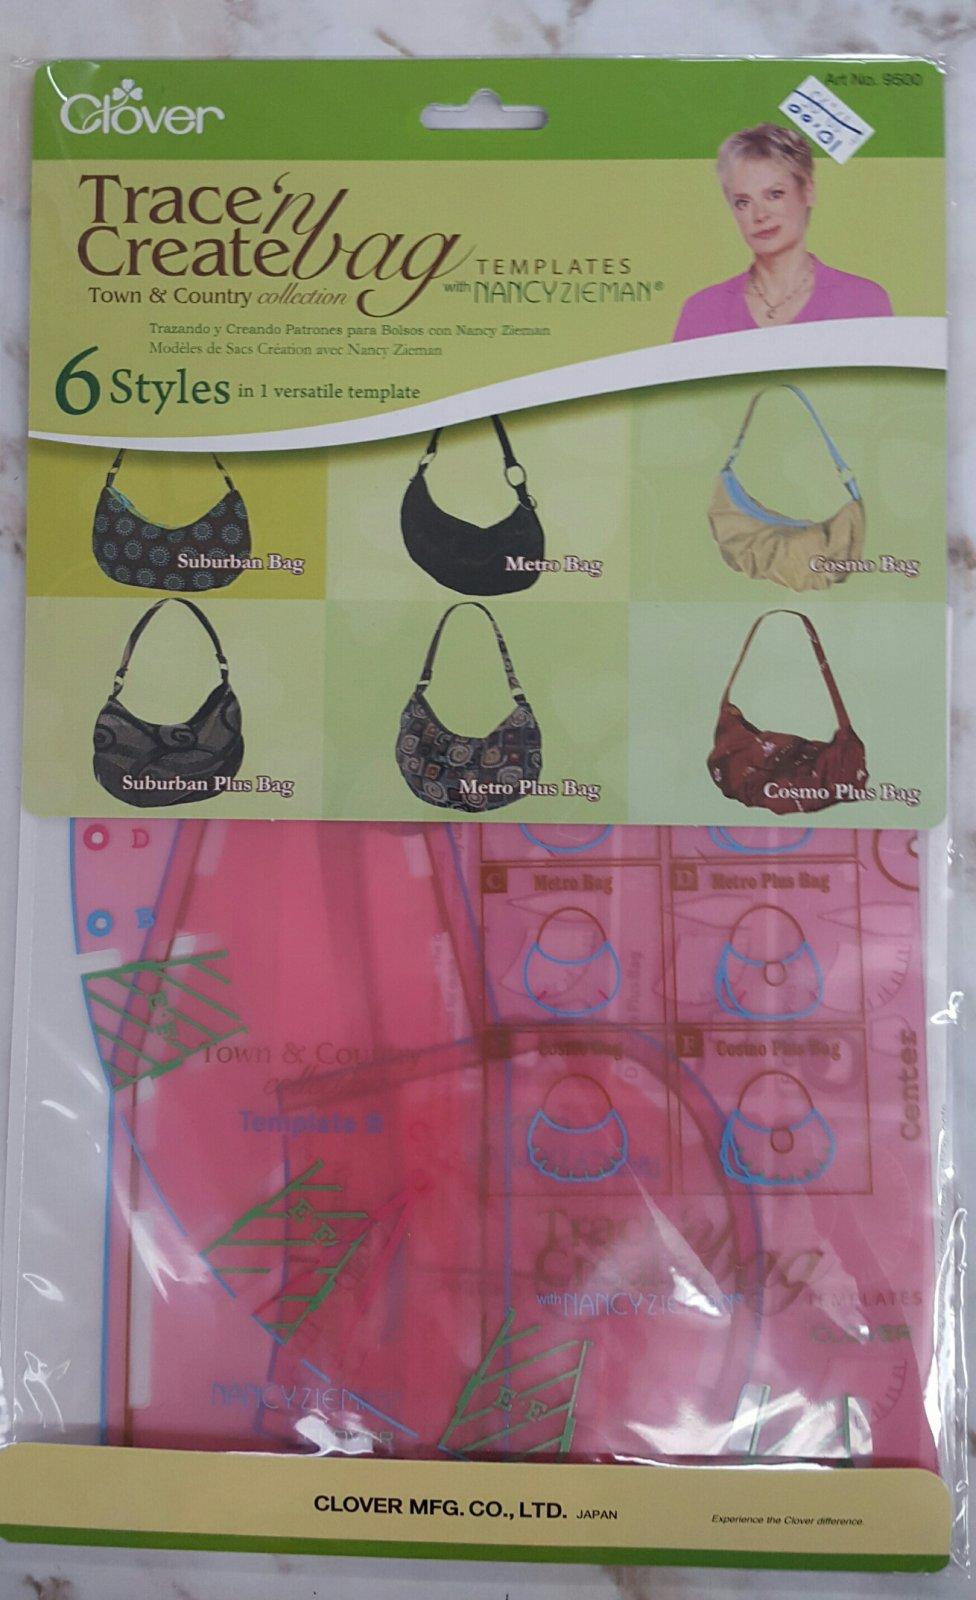 Trace 'n Create bag